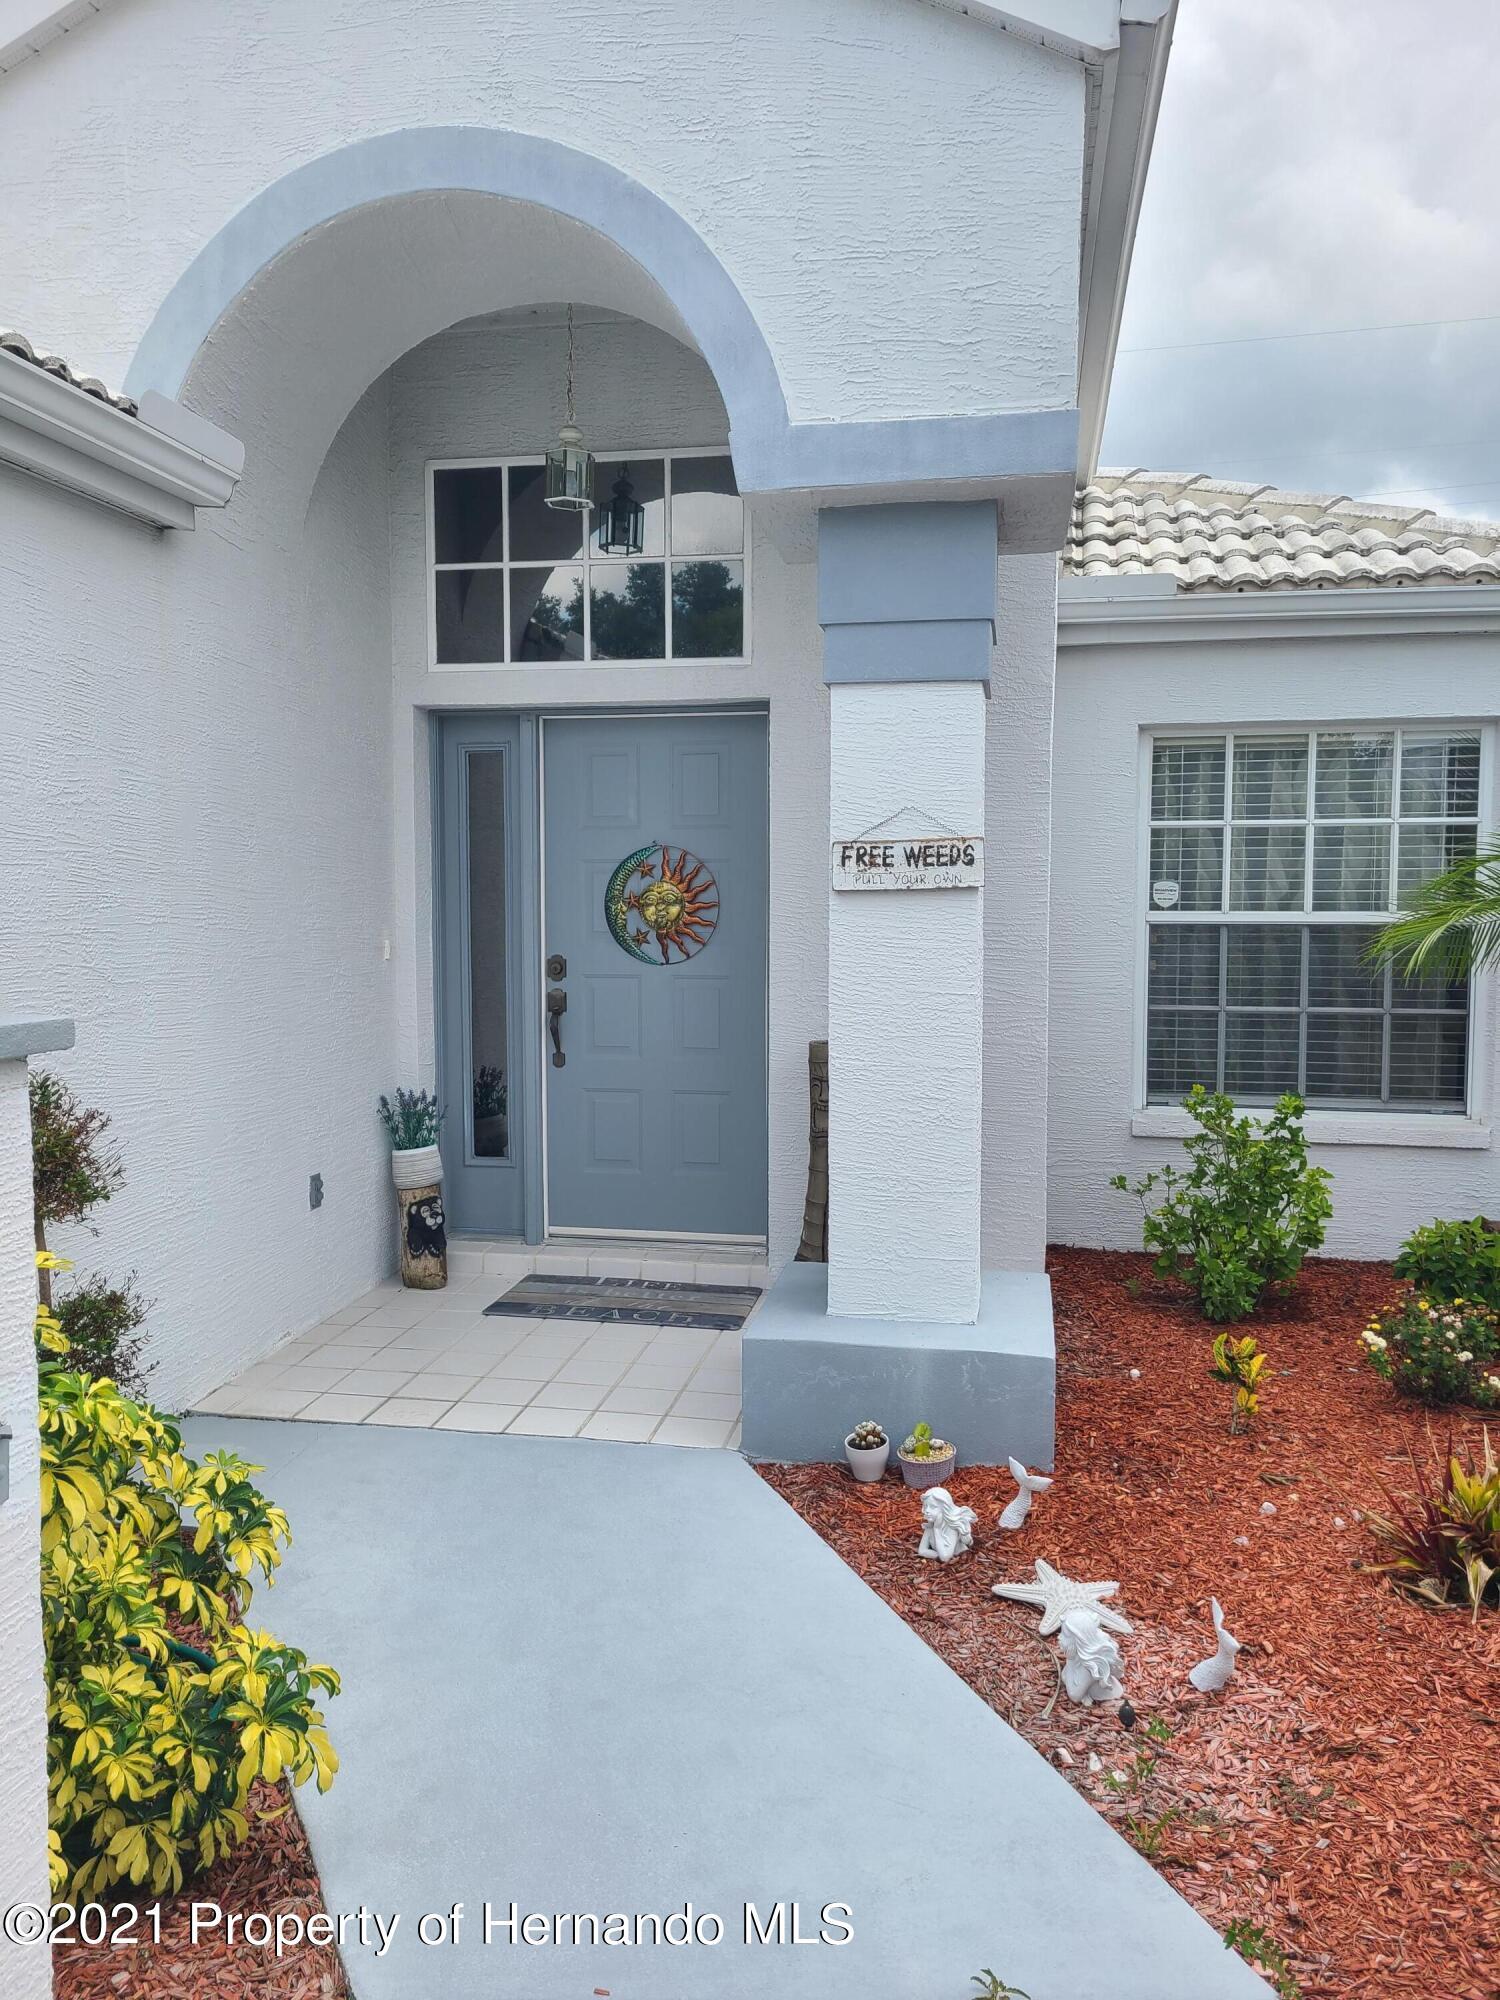 Details for 1018 Castille Road, Spring Hill, FL 34608